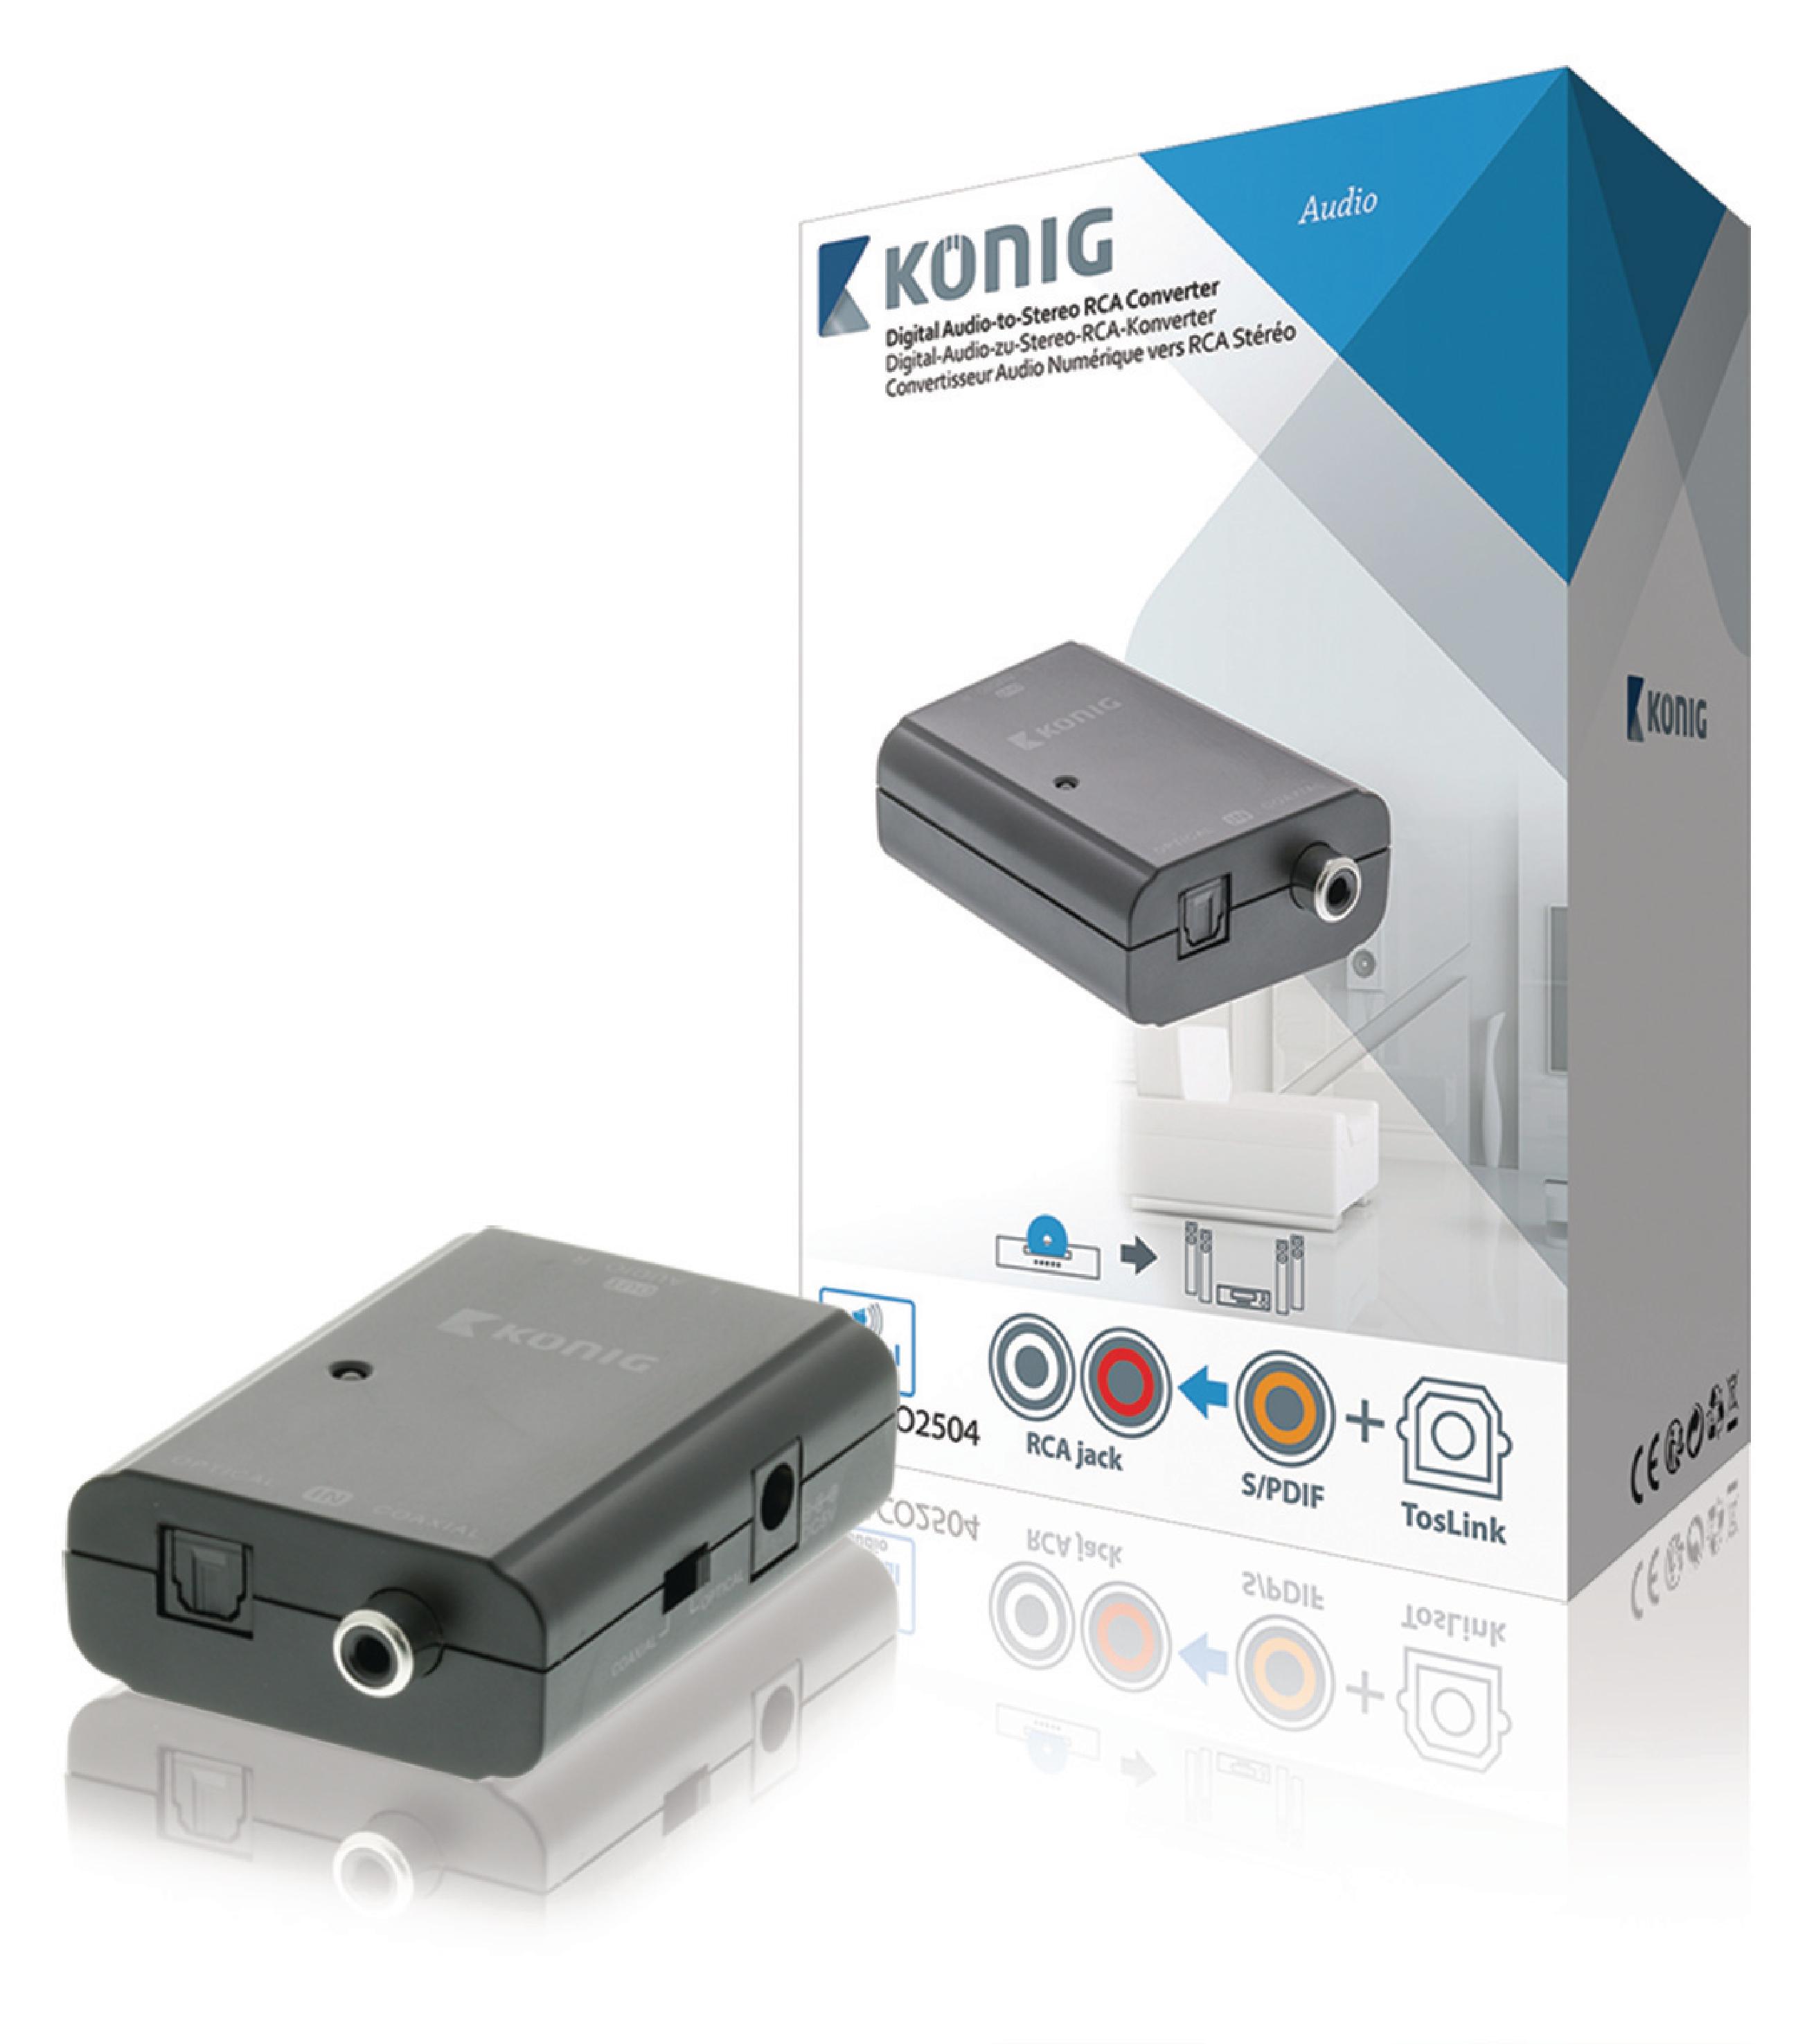 Převodník 1x TOSLINK + 1x RCA vstup - 2x RCA výstup KÖNIG KNACO2504